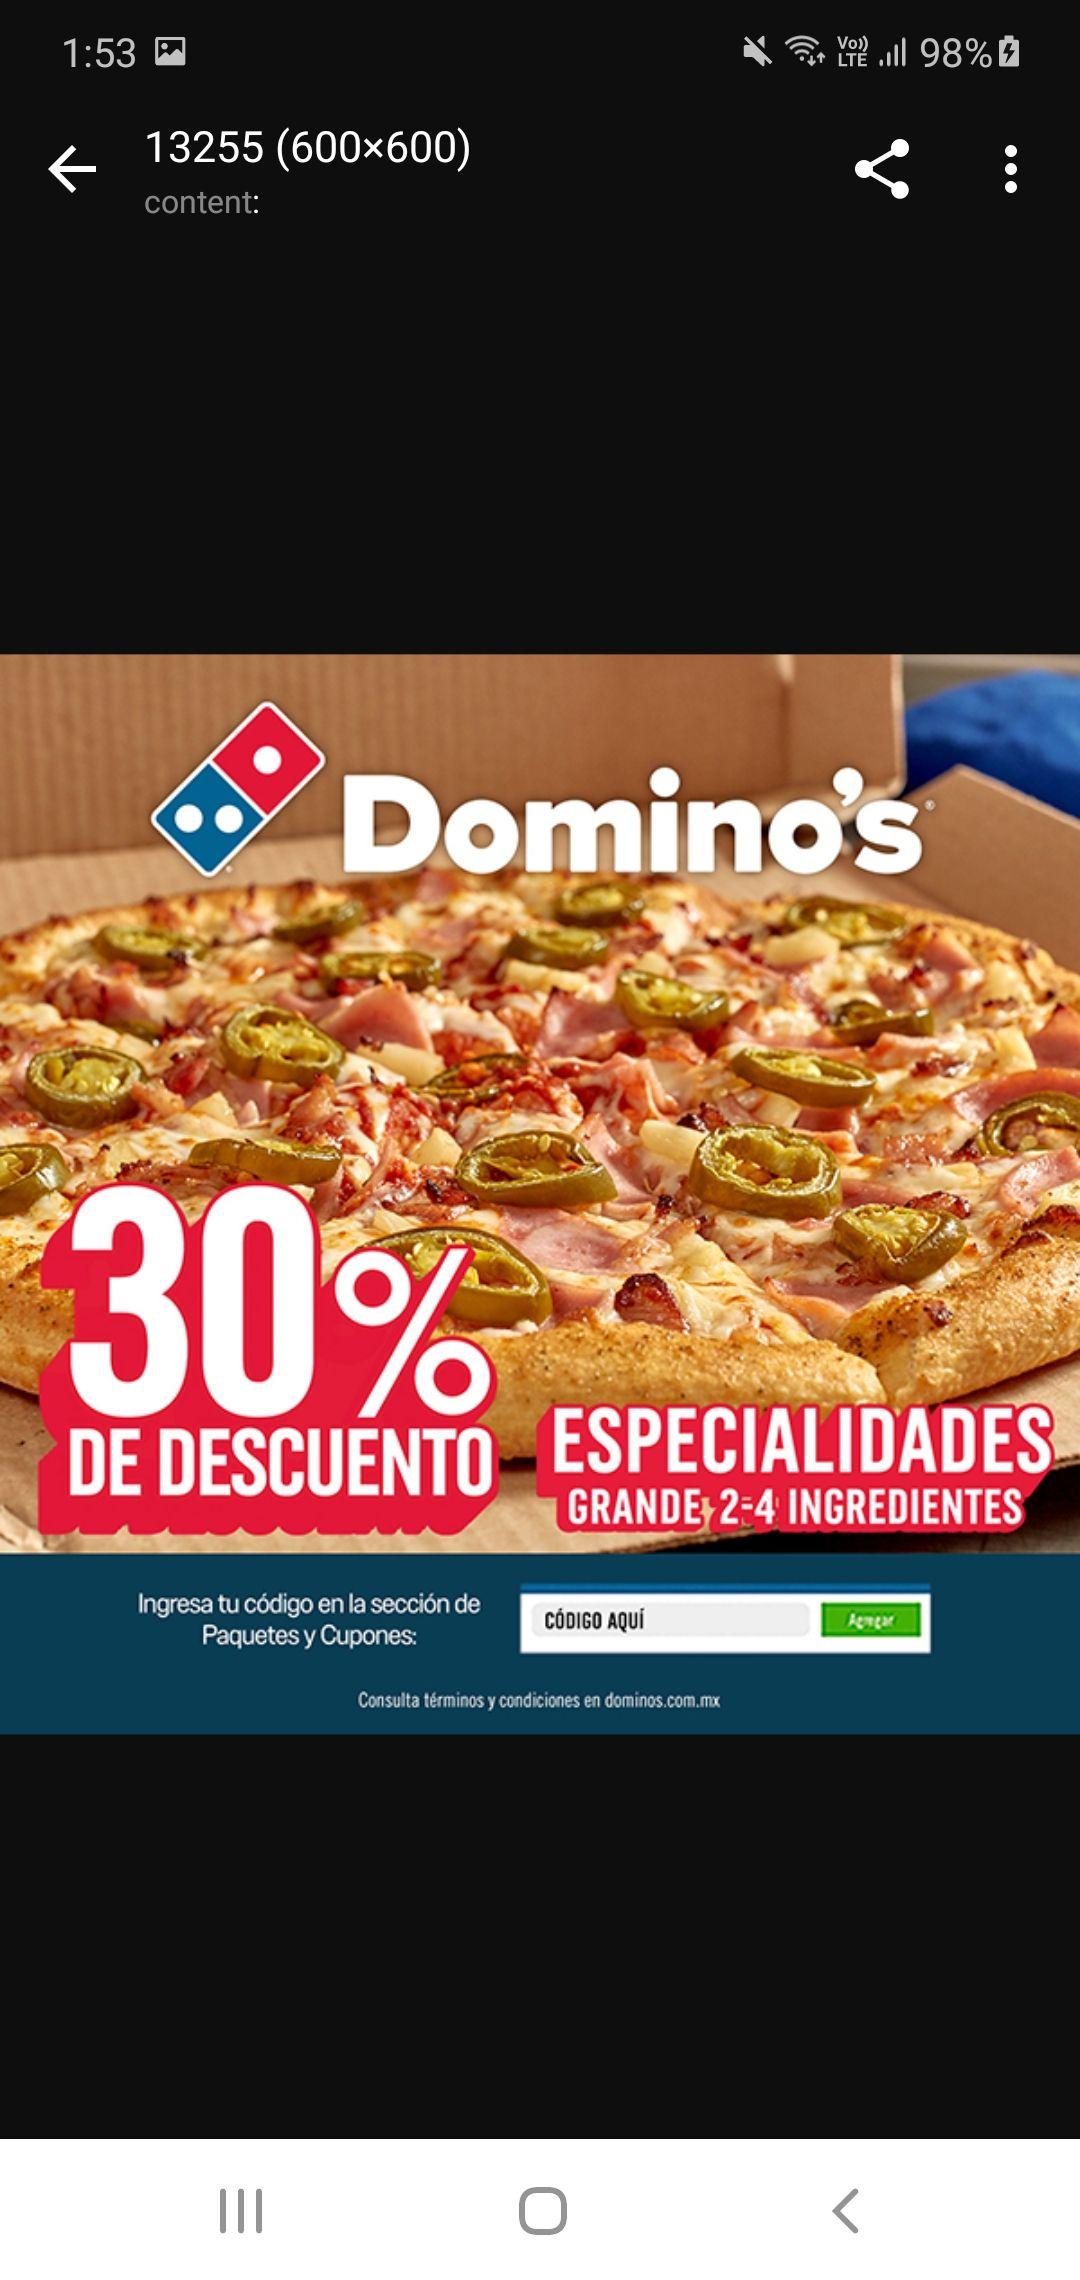 Domino's Pizza, 30% DE DESCUENTO EN ESPECIALIDADES DE 2 A 4 INGREDIENTES CON CUPON ALSEA